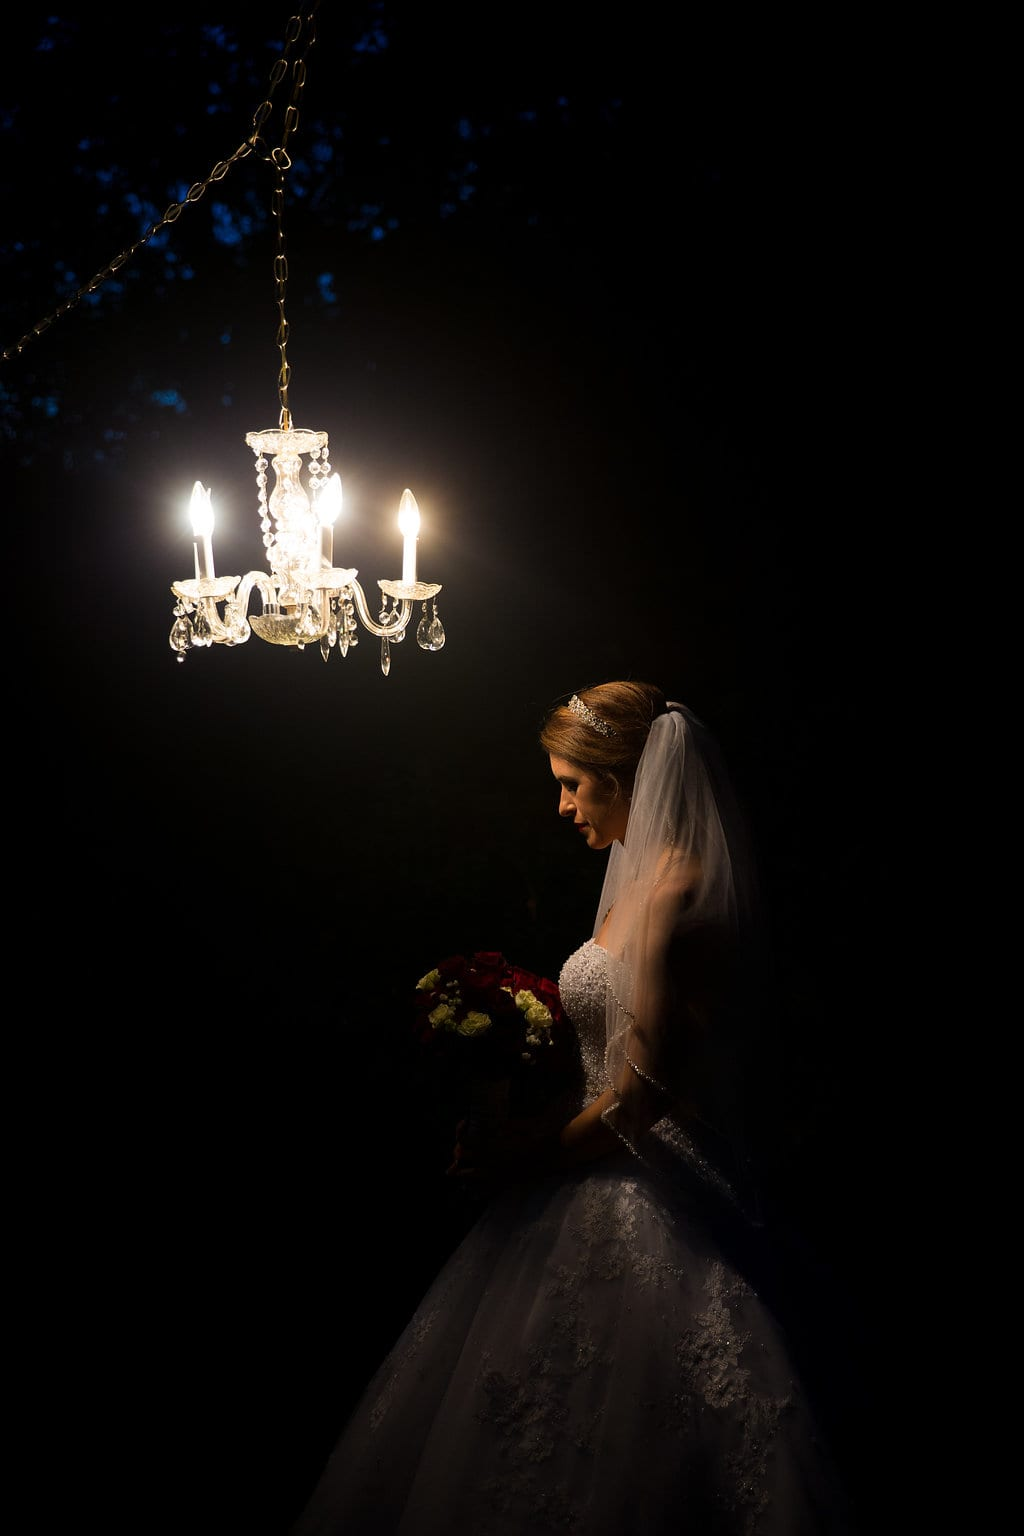 Laura's bridal at Landa Library bride at night prayer thought